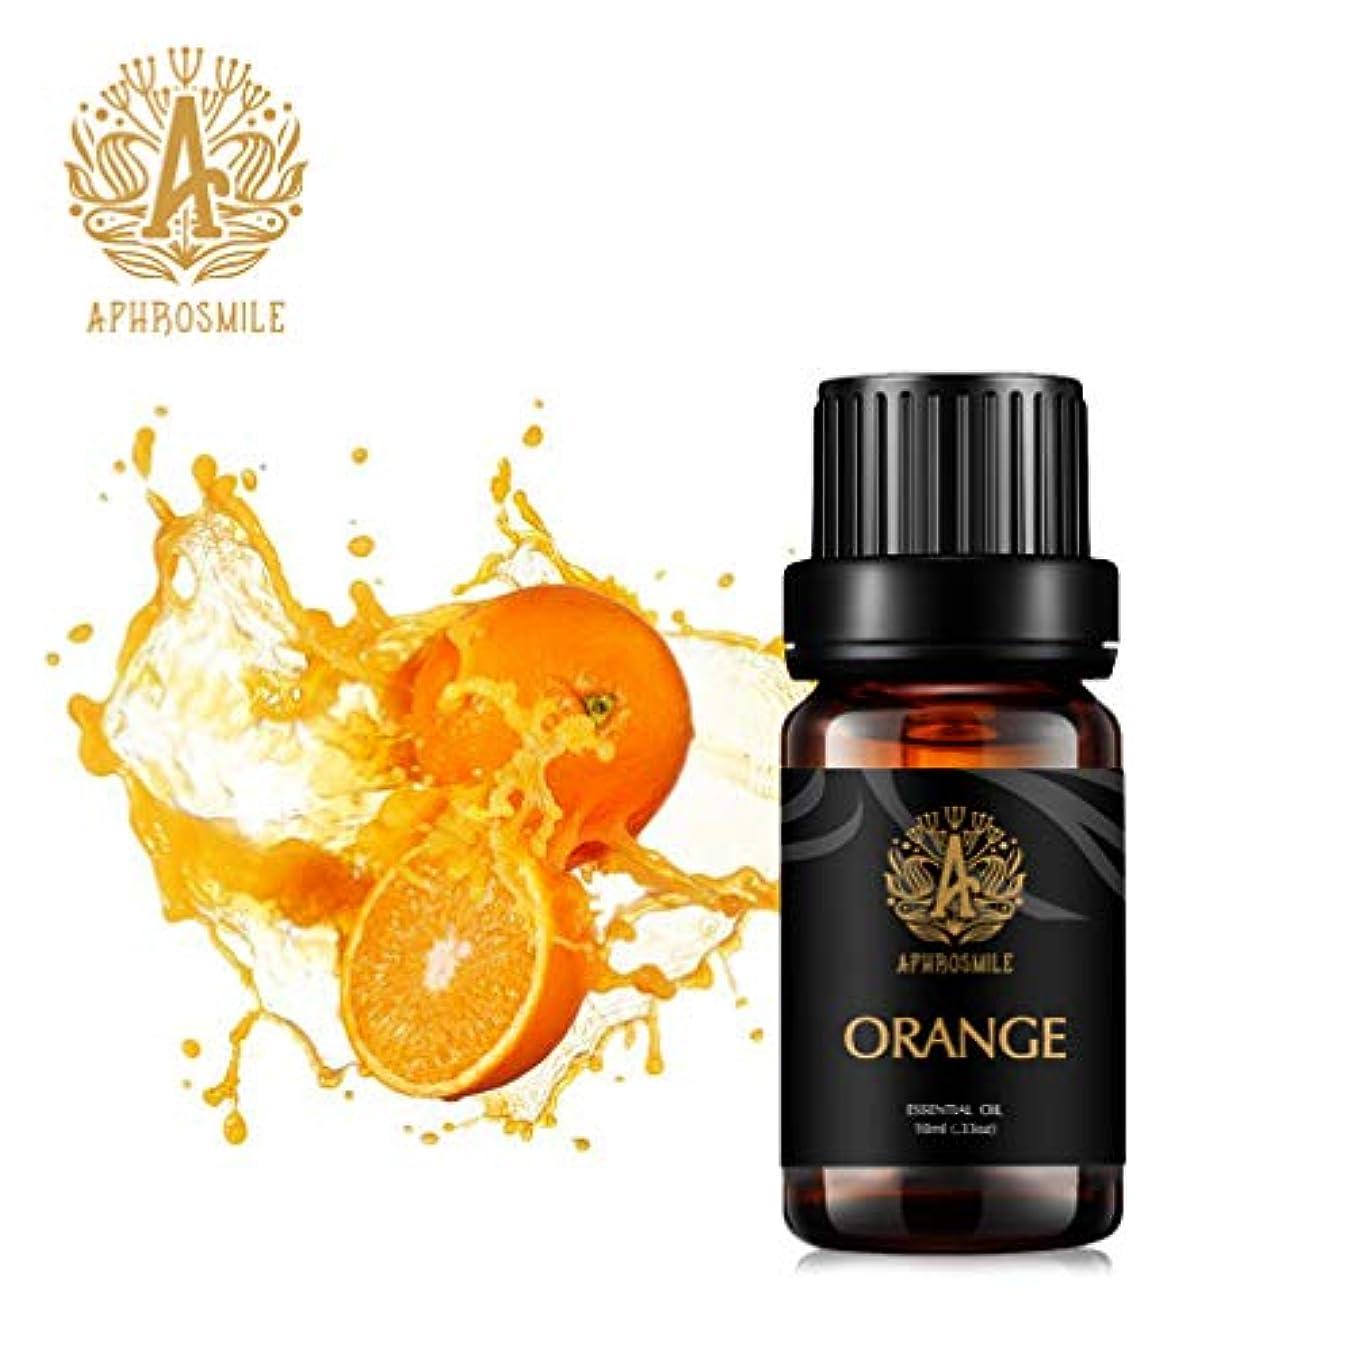 発見する付属品正当なオレンジエッセンシャルオイル、100%ピュアアロマエッセンシャルオイルオレンジ香り、怒りを和らげる、治療用グレードエッセンシャルオイルオレンジの香り、為にディフューザー、マッサージ、加湿器、デイリーケア、0.33オンス-...